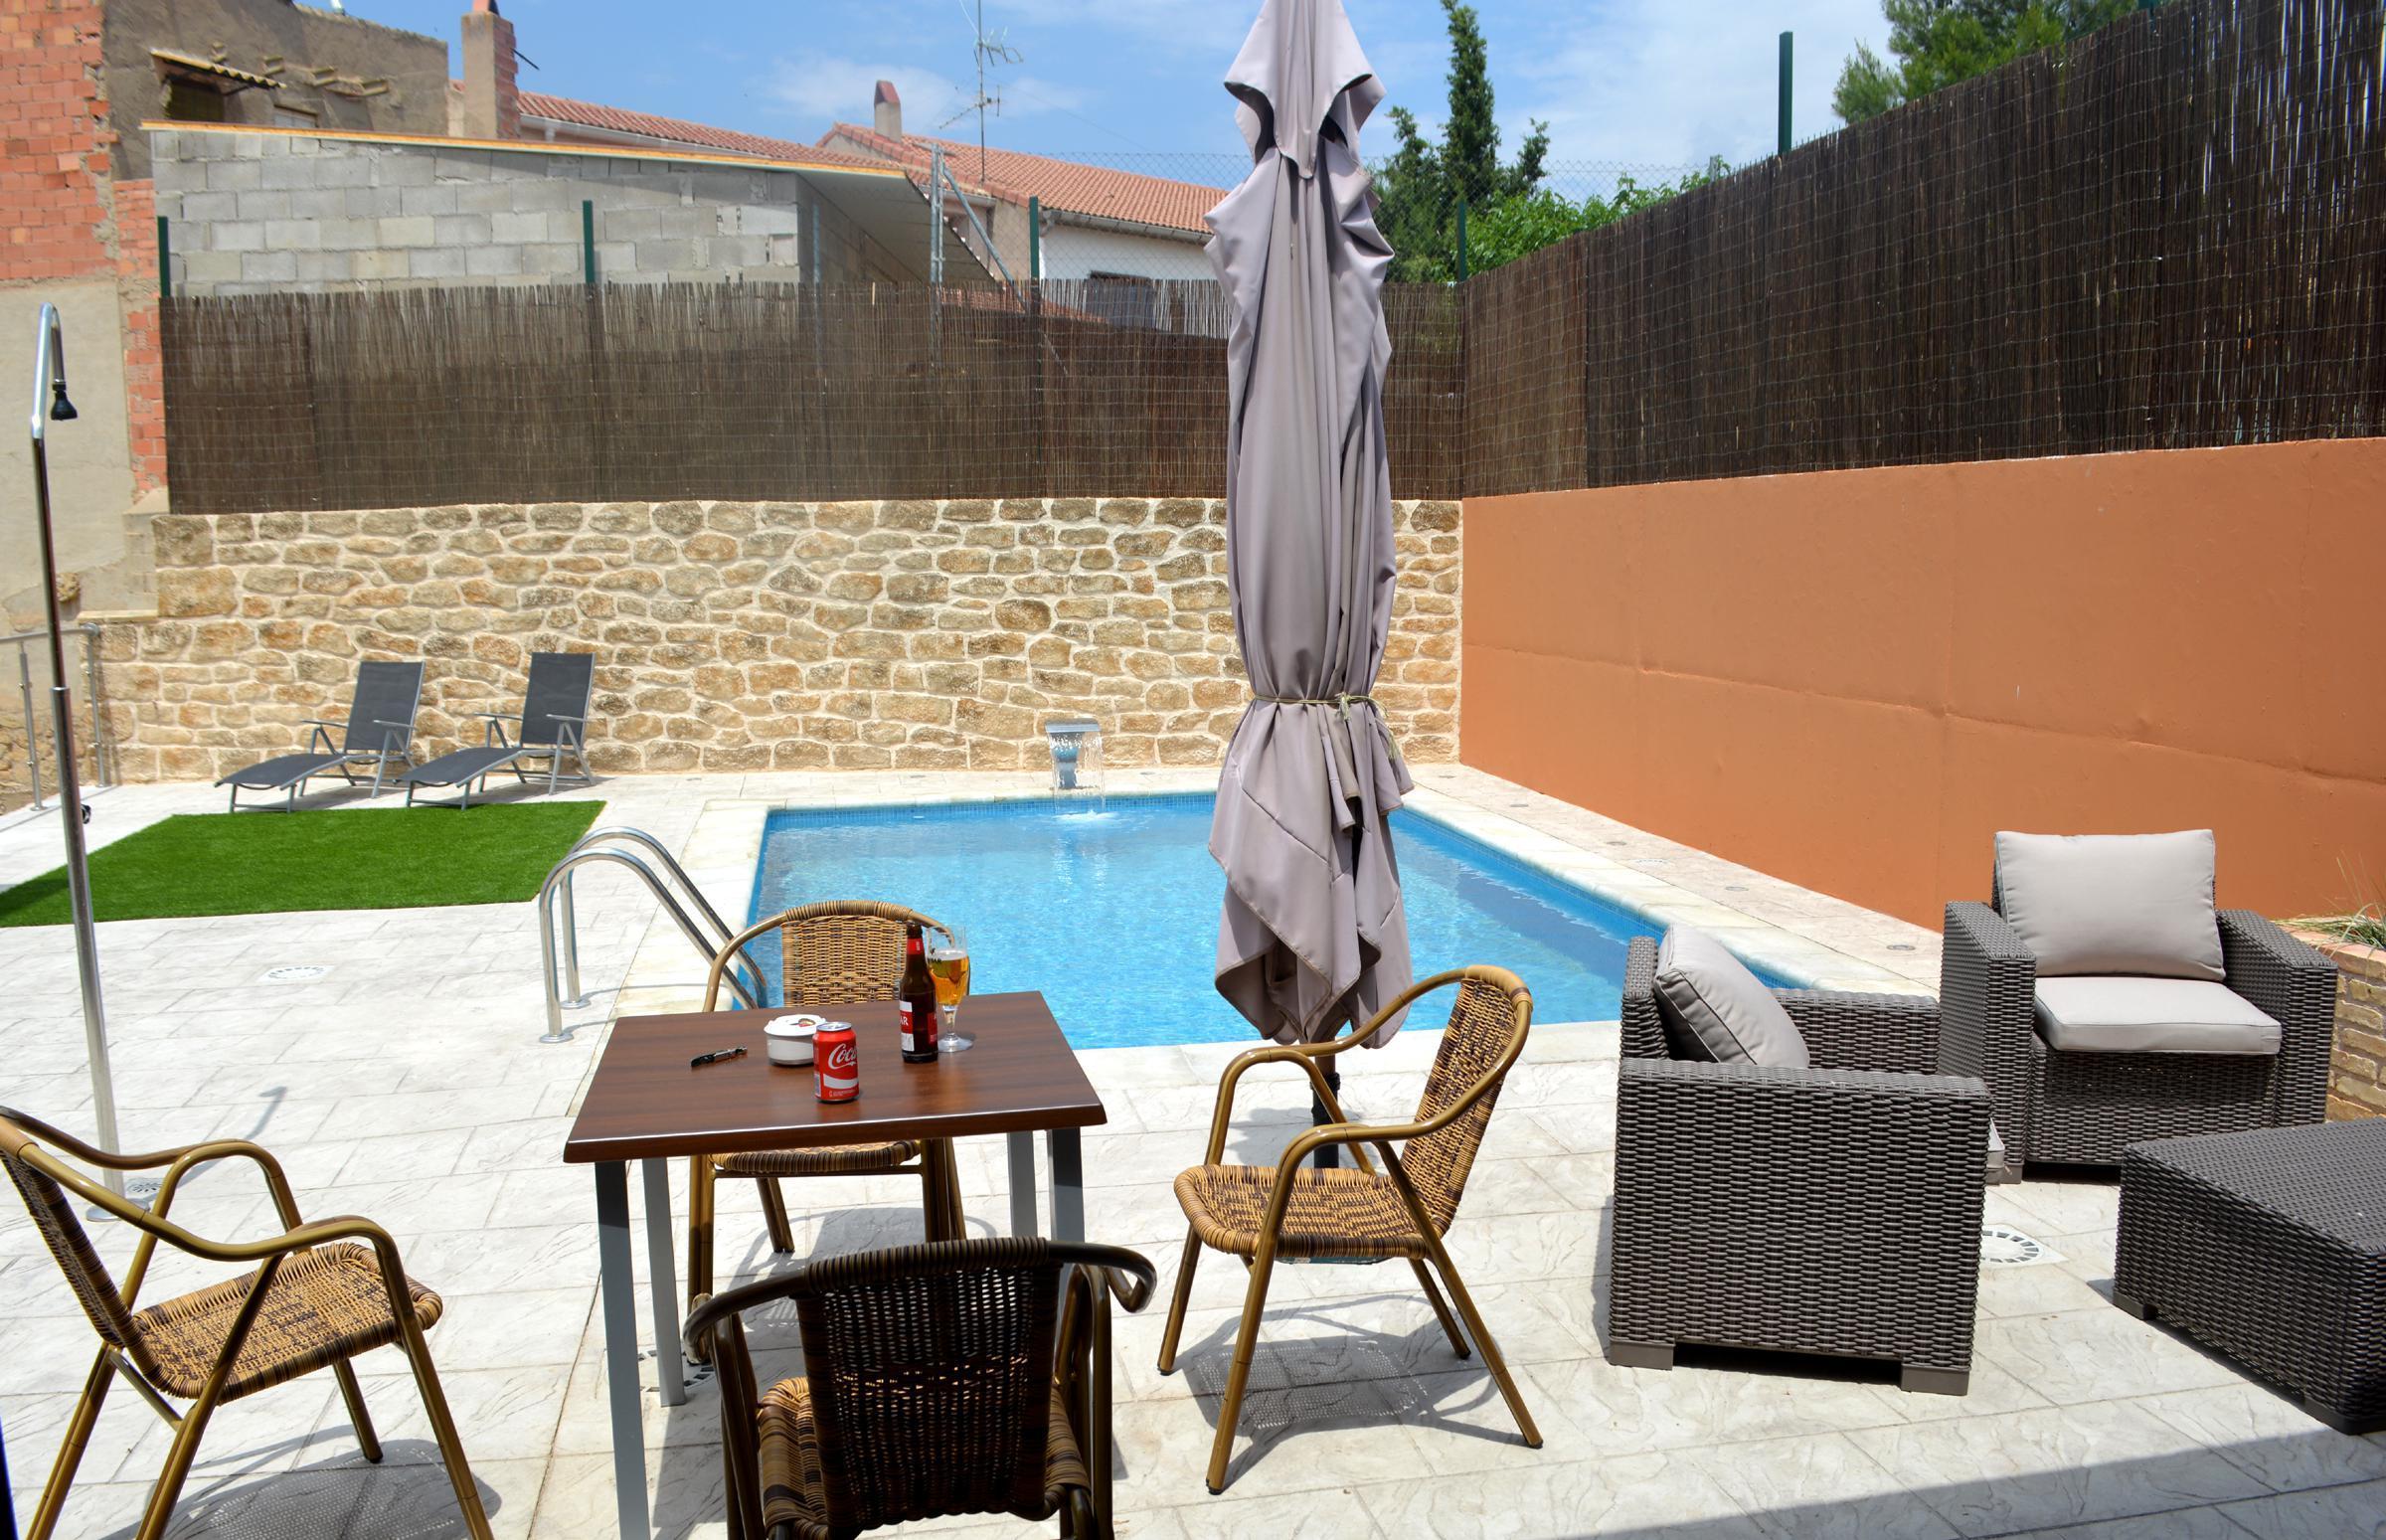 Fotos de bielas y pistones aptos las eras teruel castelseras clubrural - Casas rurales teruel con piscina ...